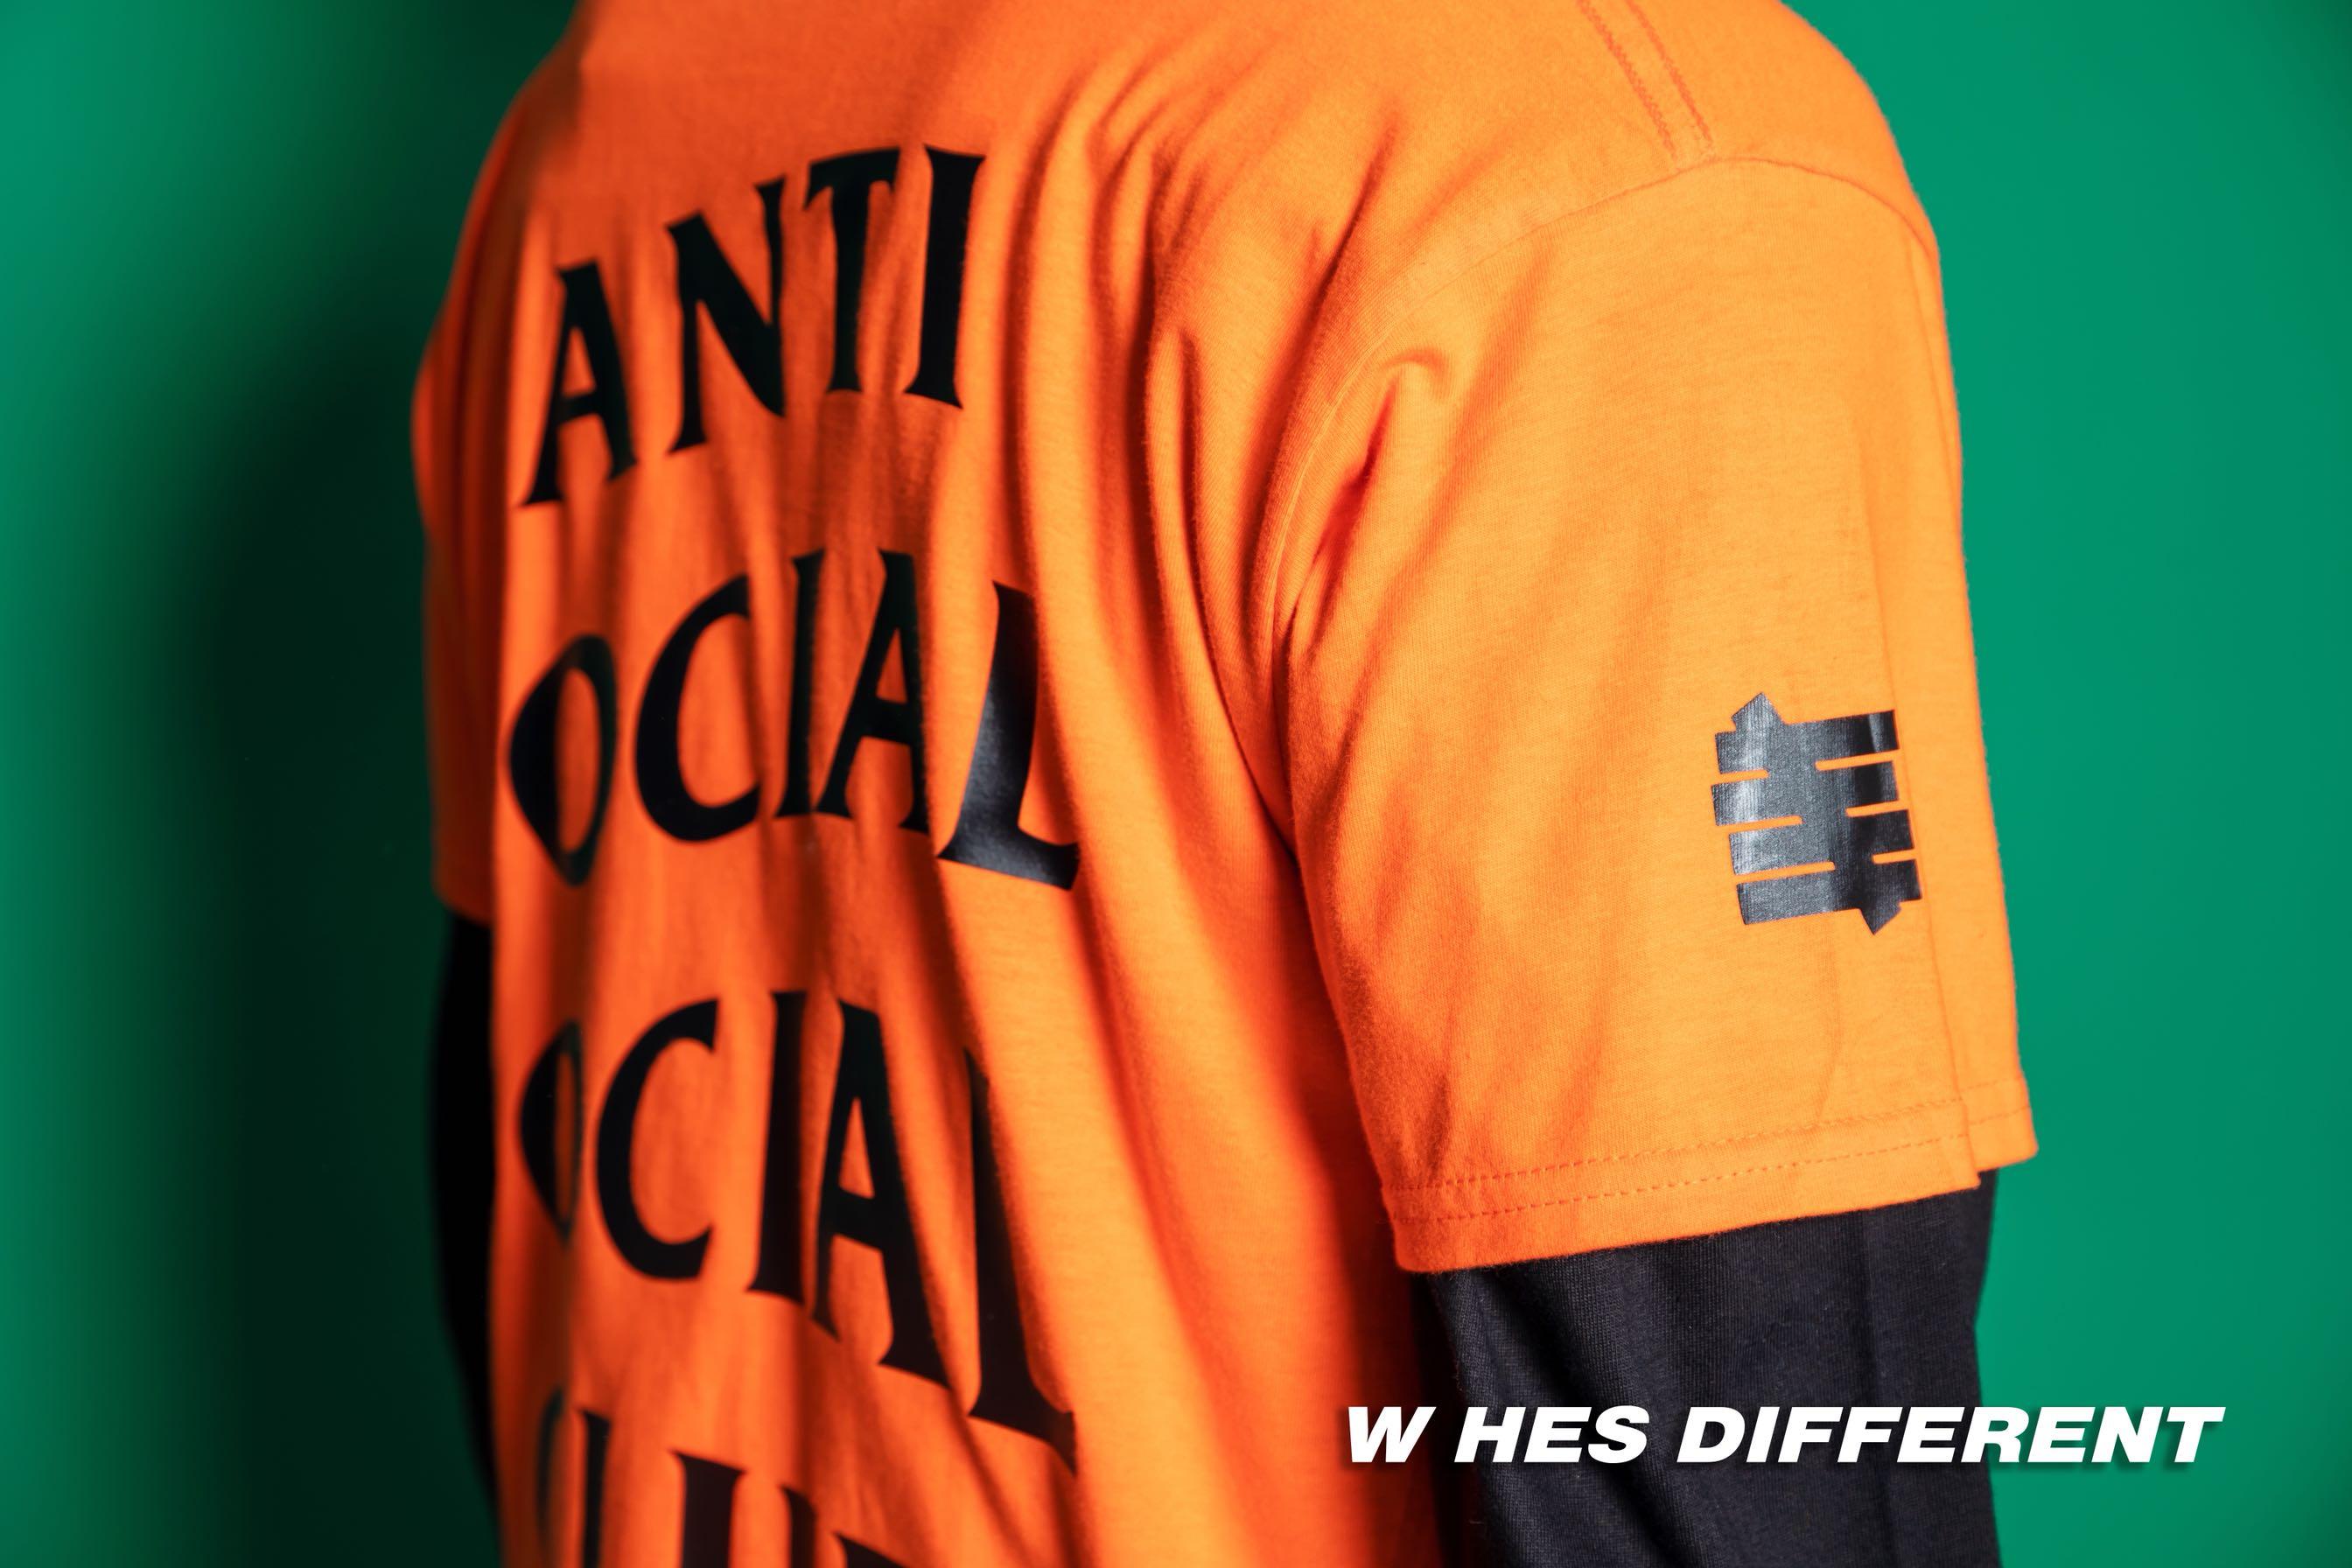 橘色新款青春流行男t恤长袖有领 宽松 半袖欧美高街潮款字母T